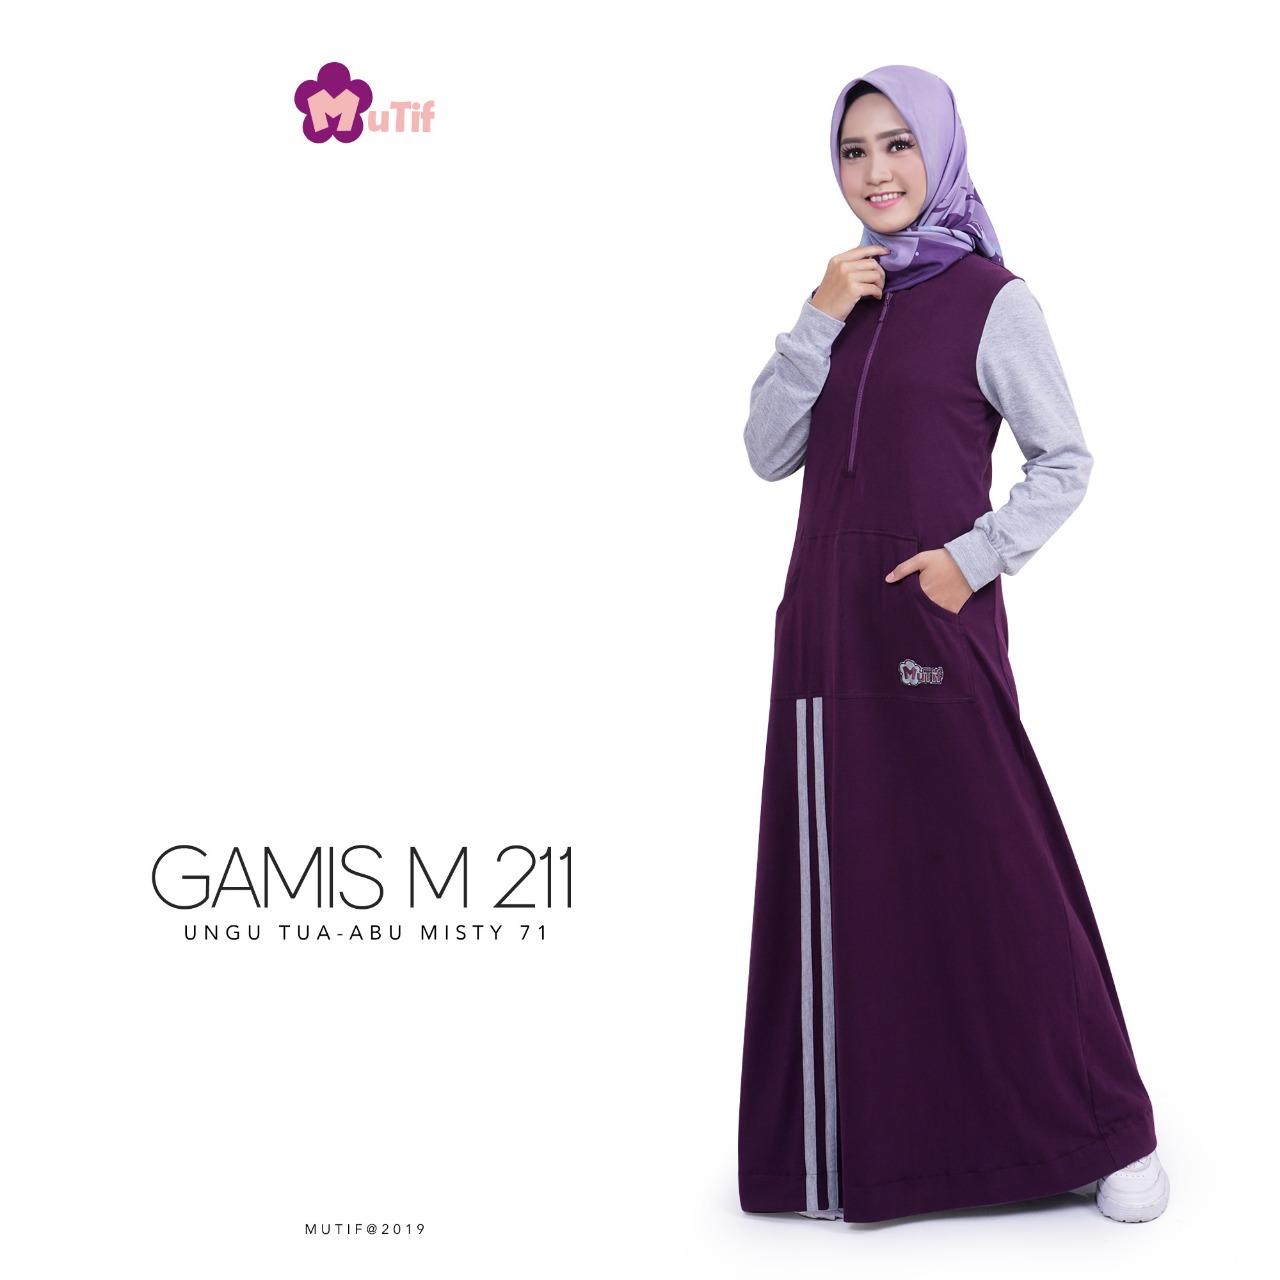 Gamis Rauna Terbaru 2019 Dan Harganya Jilbab Gucci